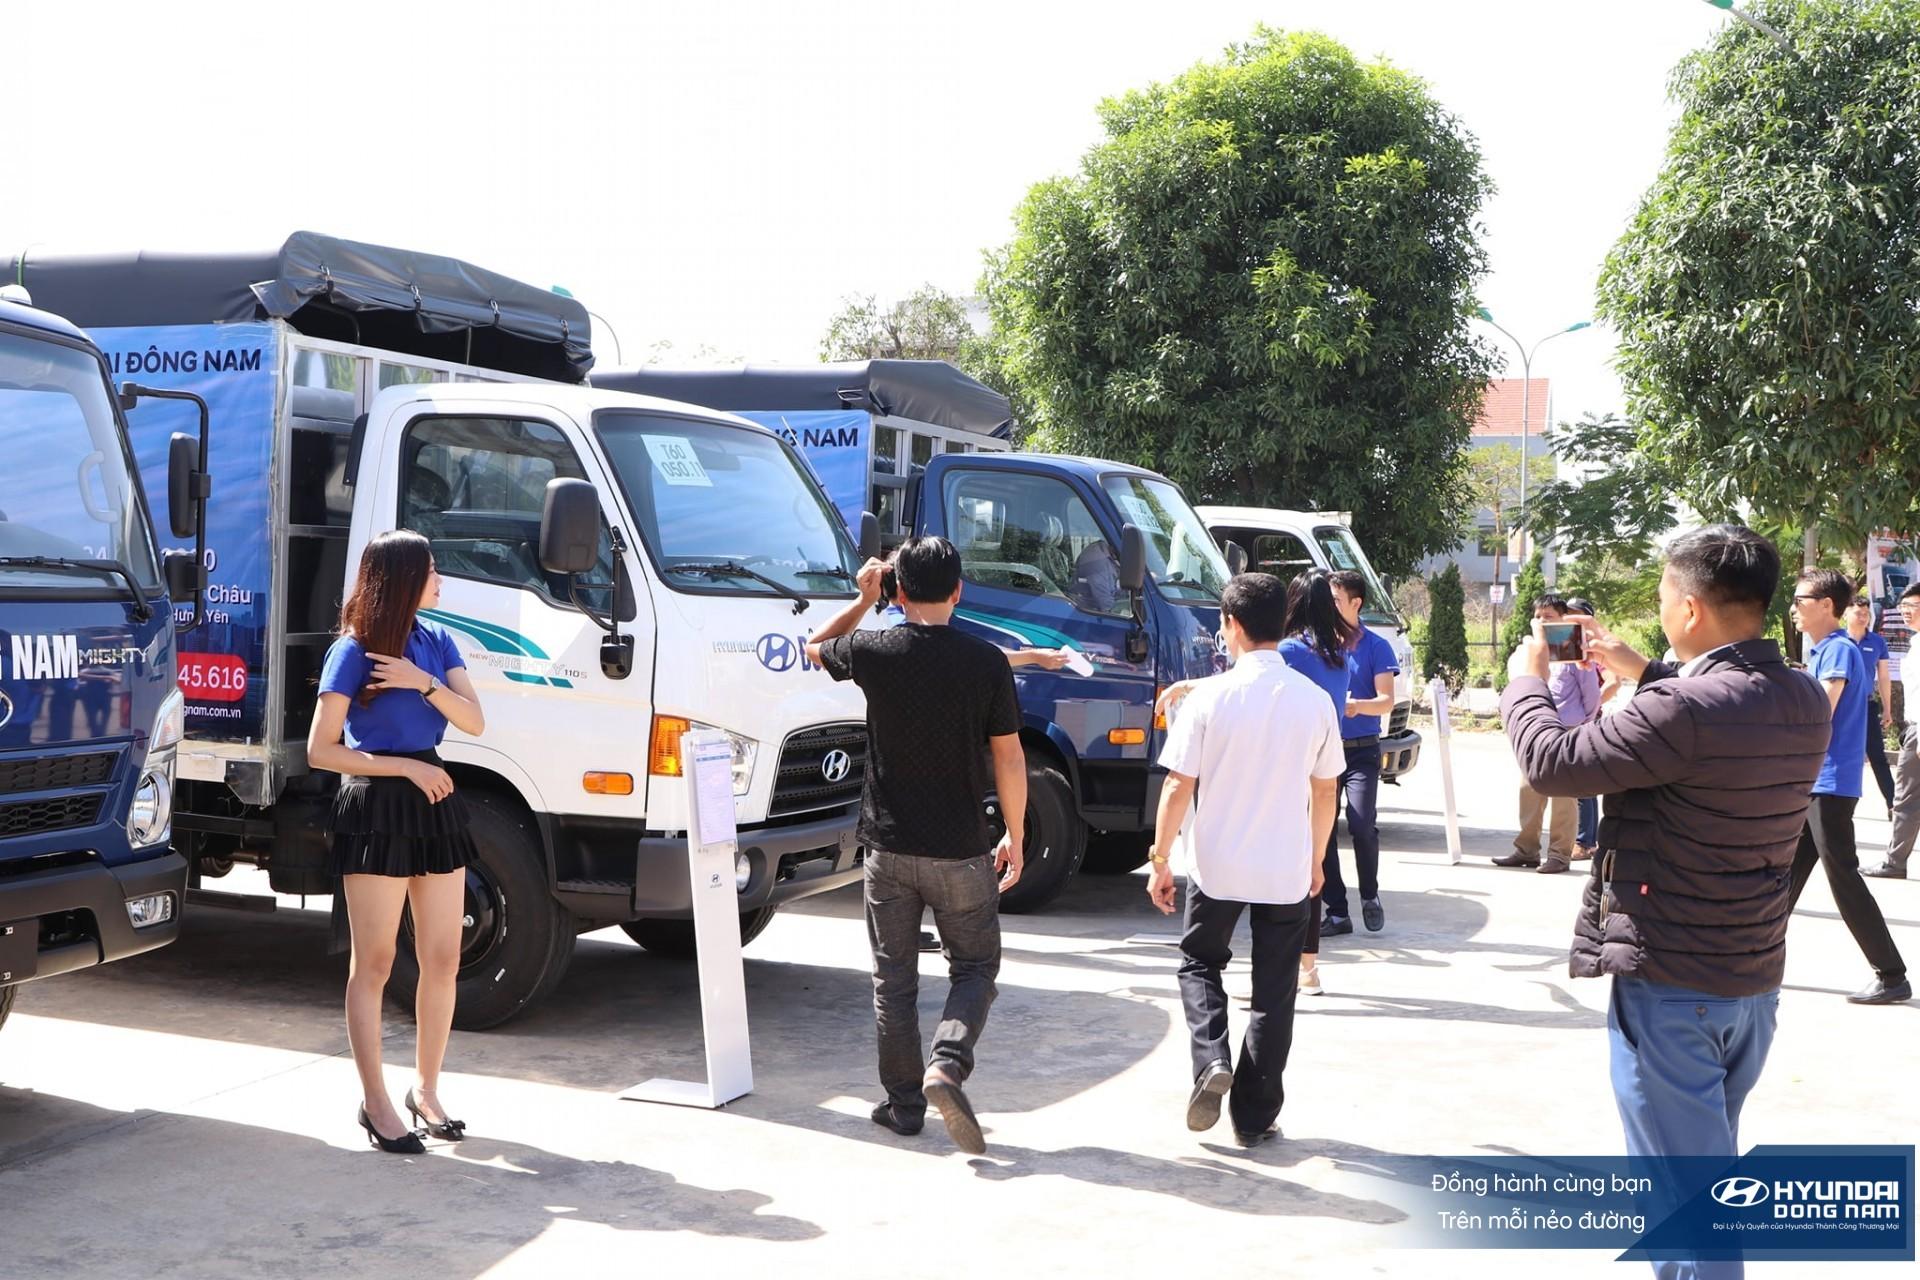 Hình ảnh khách hàng tham khảo xe tải Hyundai